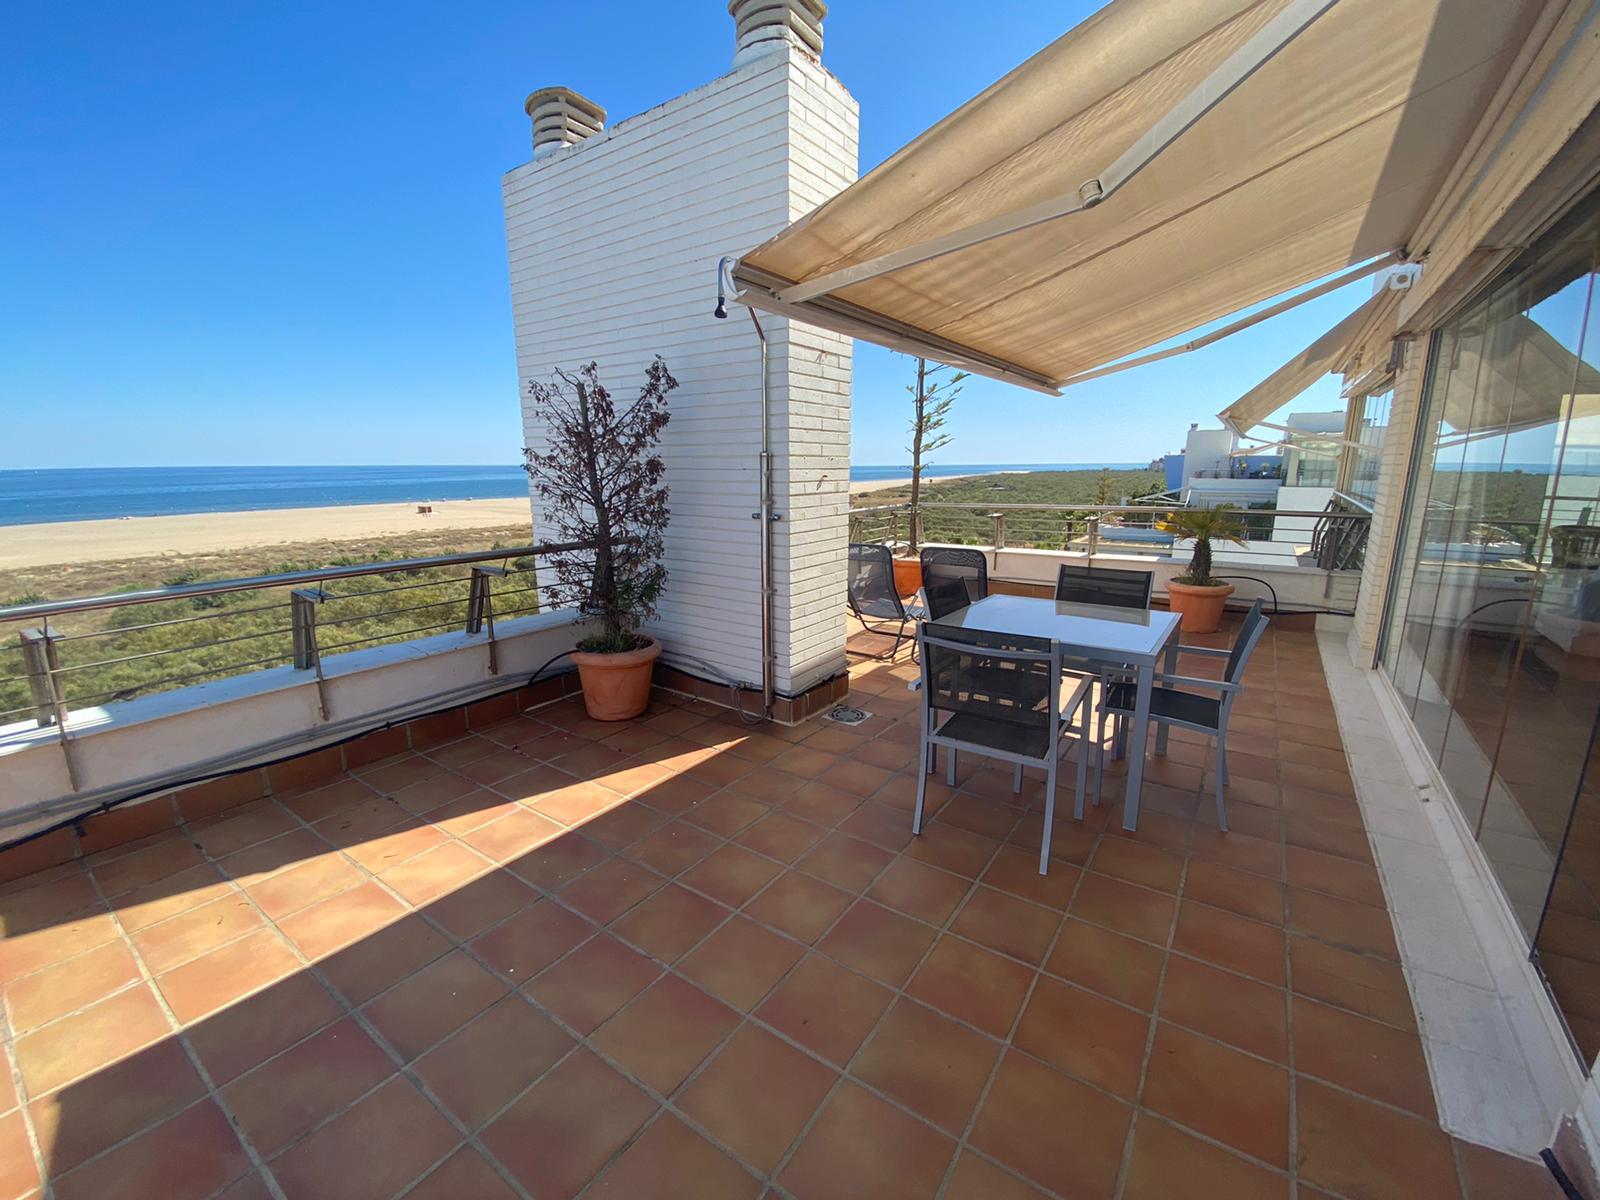 Imagen 45 del Apartamento Turístico, Ático 3 Levante, Frontal (4d+2b), Punta del Moral (HUELVA), Paseo de la Cruz nº22